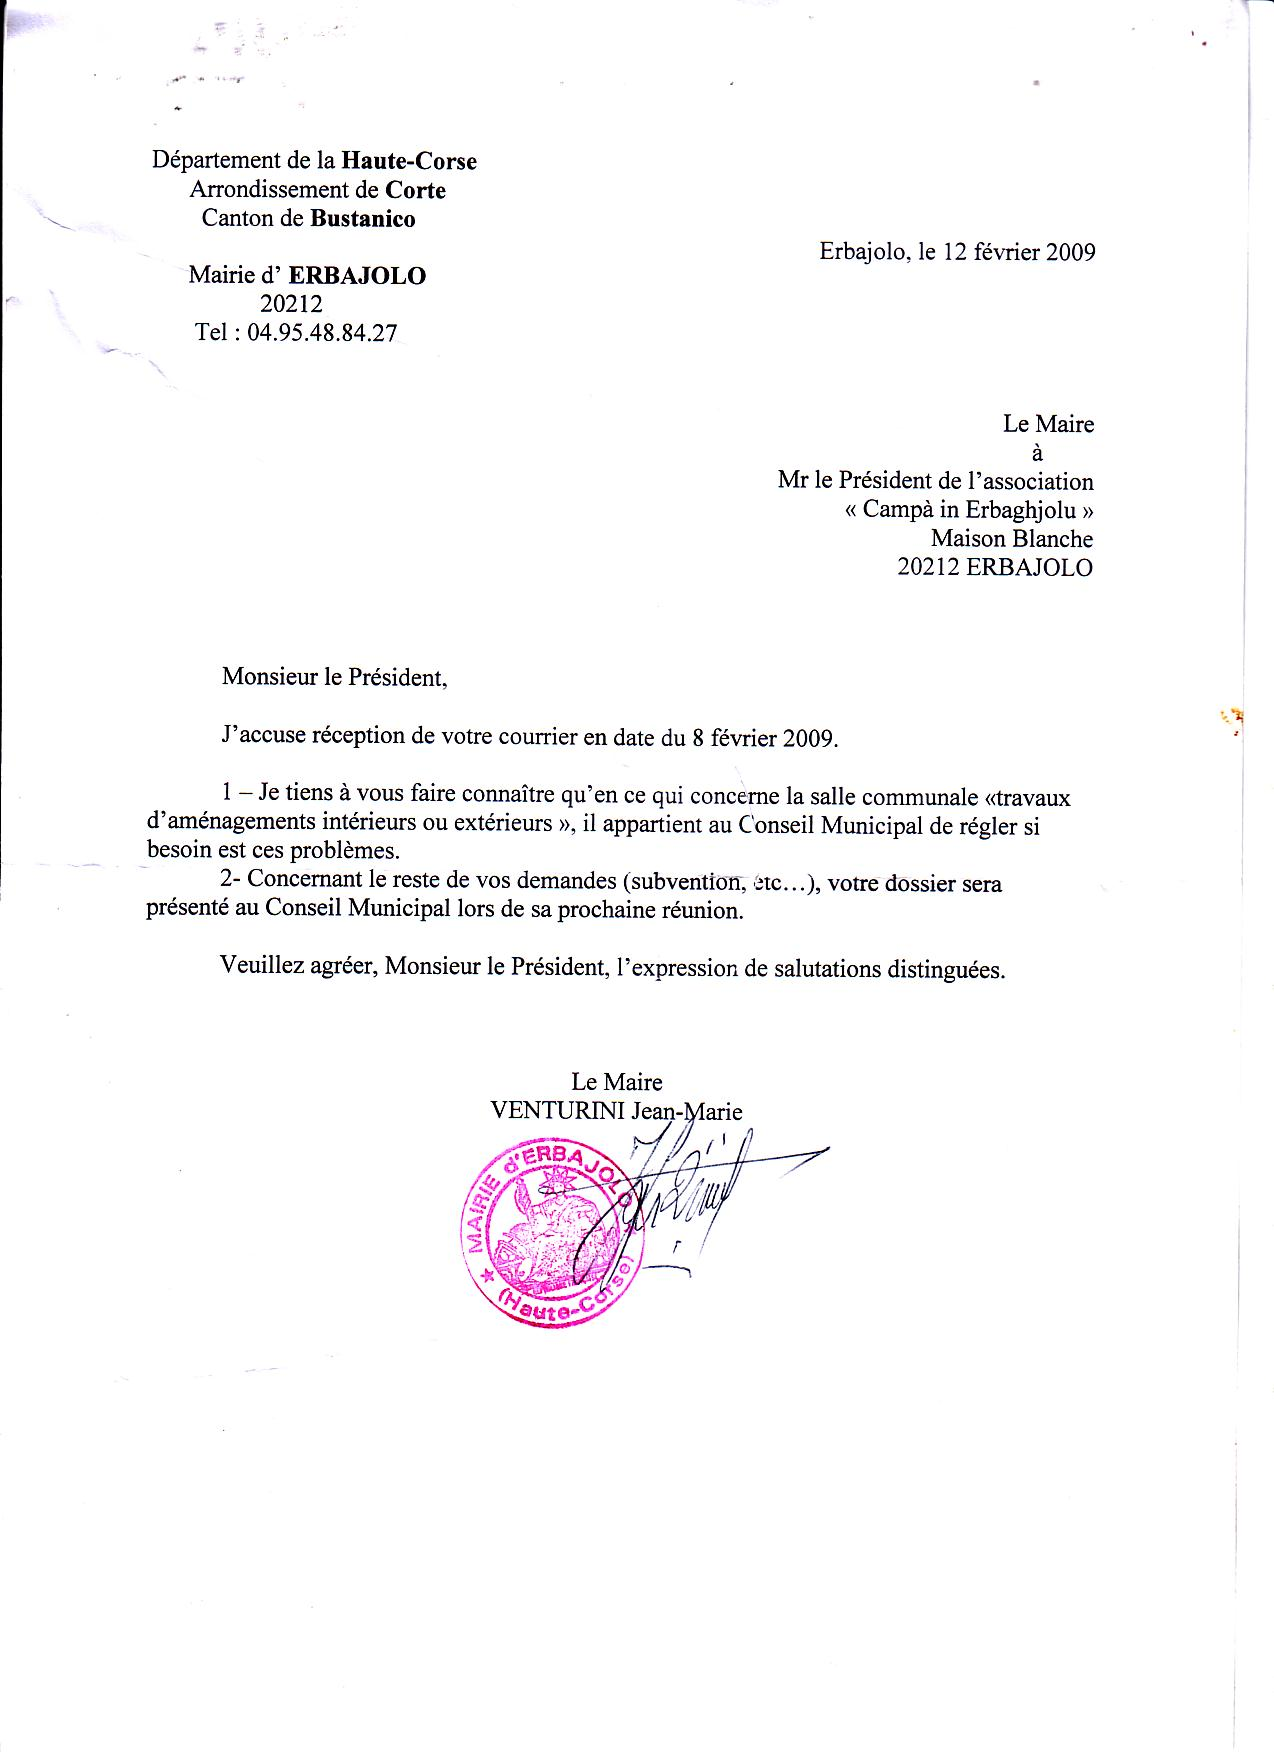 lettre d u00e9dite